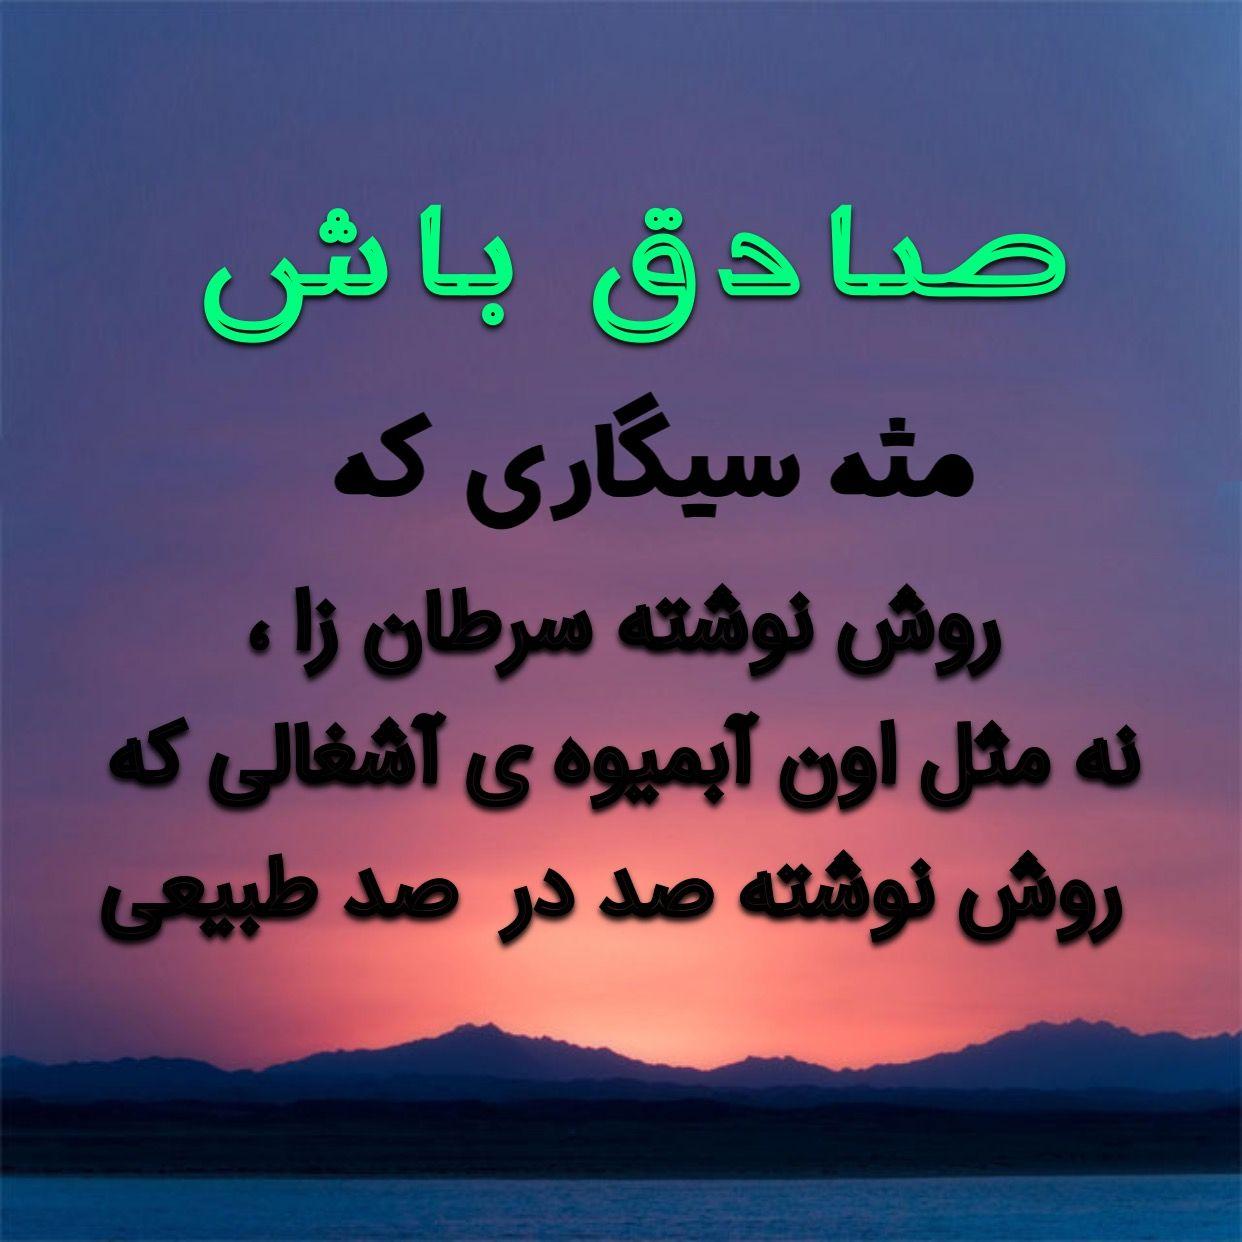 صادق باش Persian Quotes Farsi Quotes People Quotes